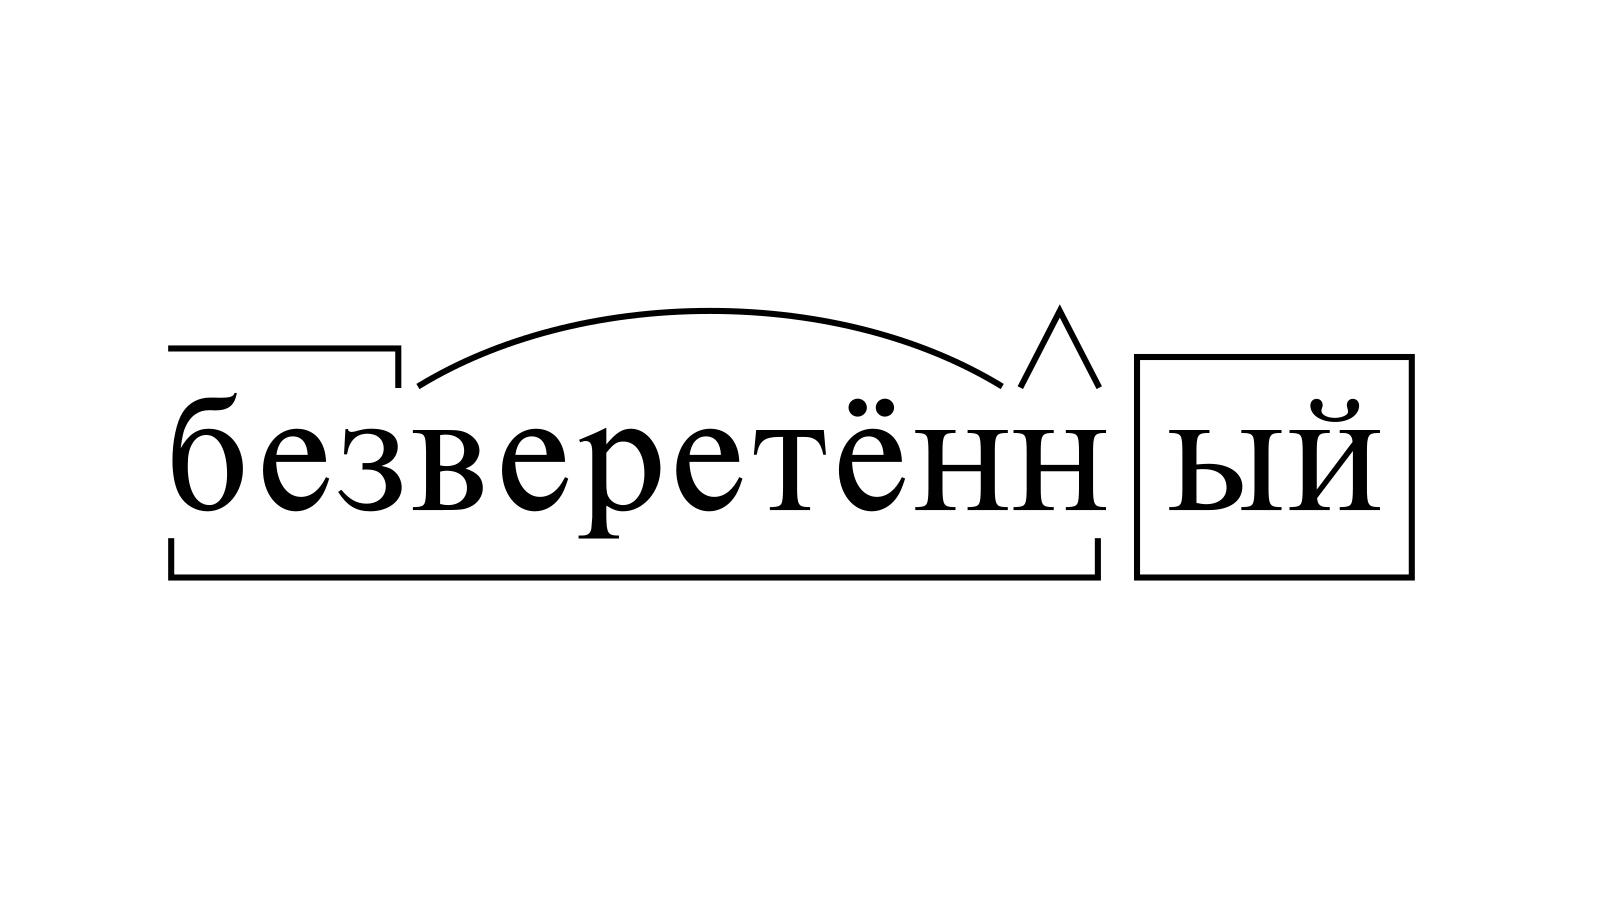 Разбор слова «безверетённый» по составу